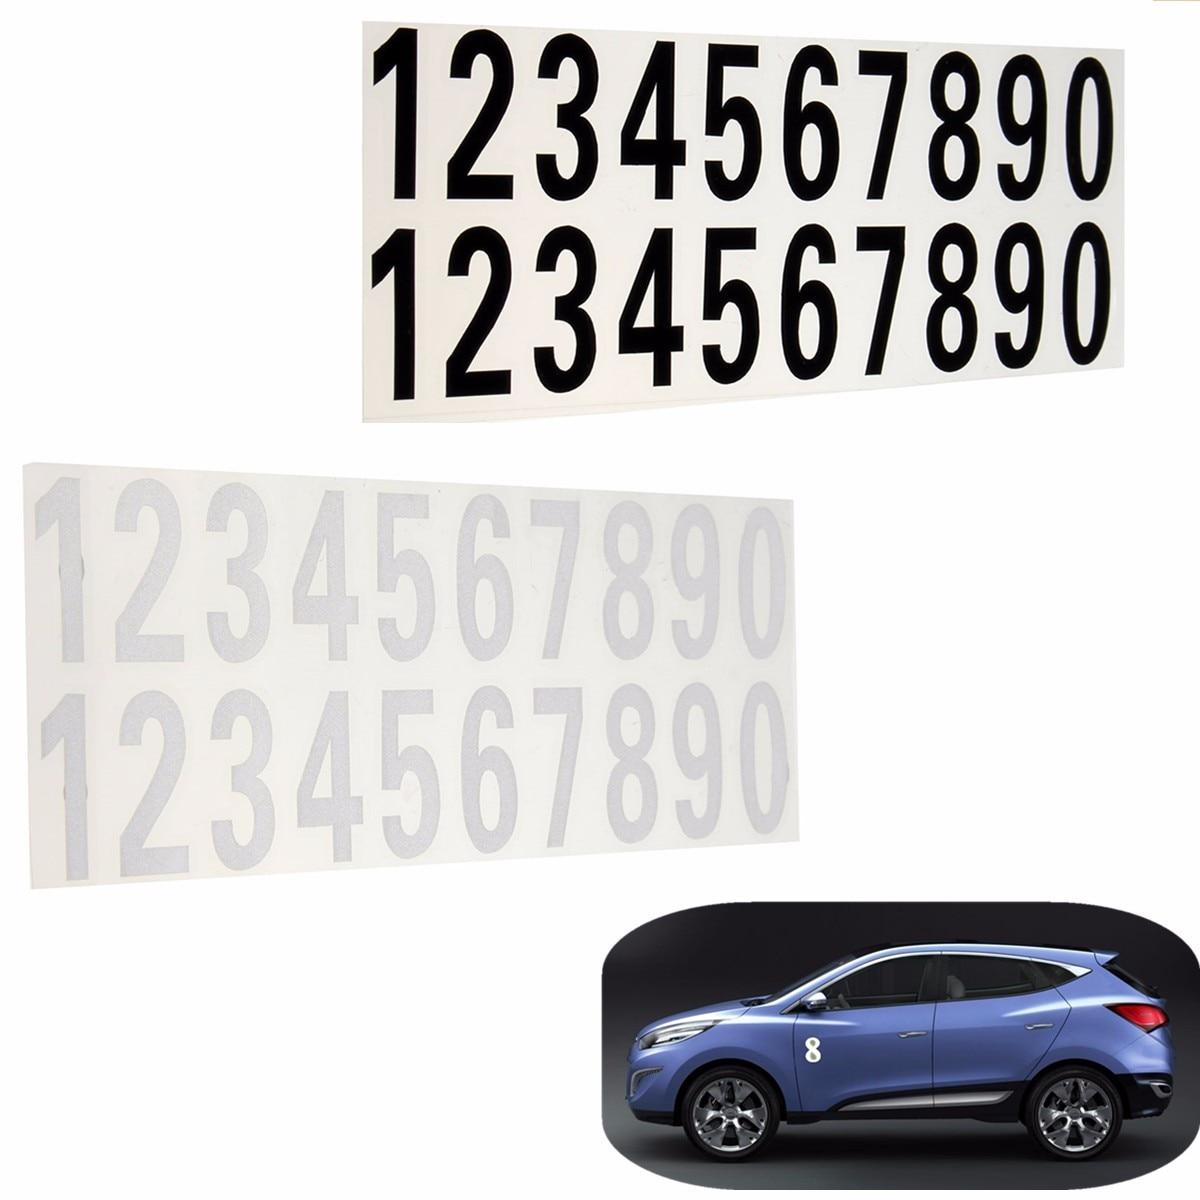 Pintu Rumah Jalan Alamat Kotak Surat Nomor Digit Angka Mobil Ruang Stiker Motor Gerbang Vinyl Decal Reflektif Putih Hitam Di Dari Sepeda